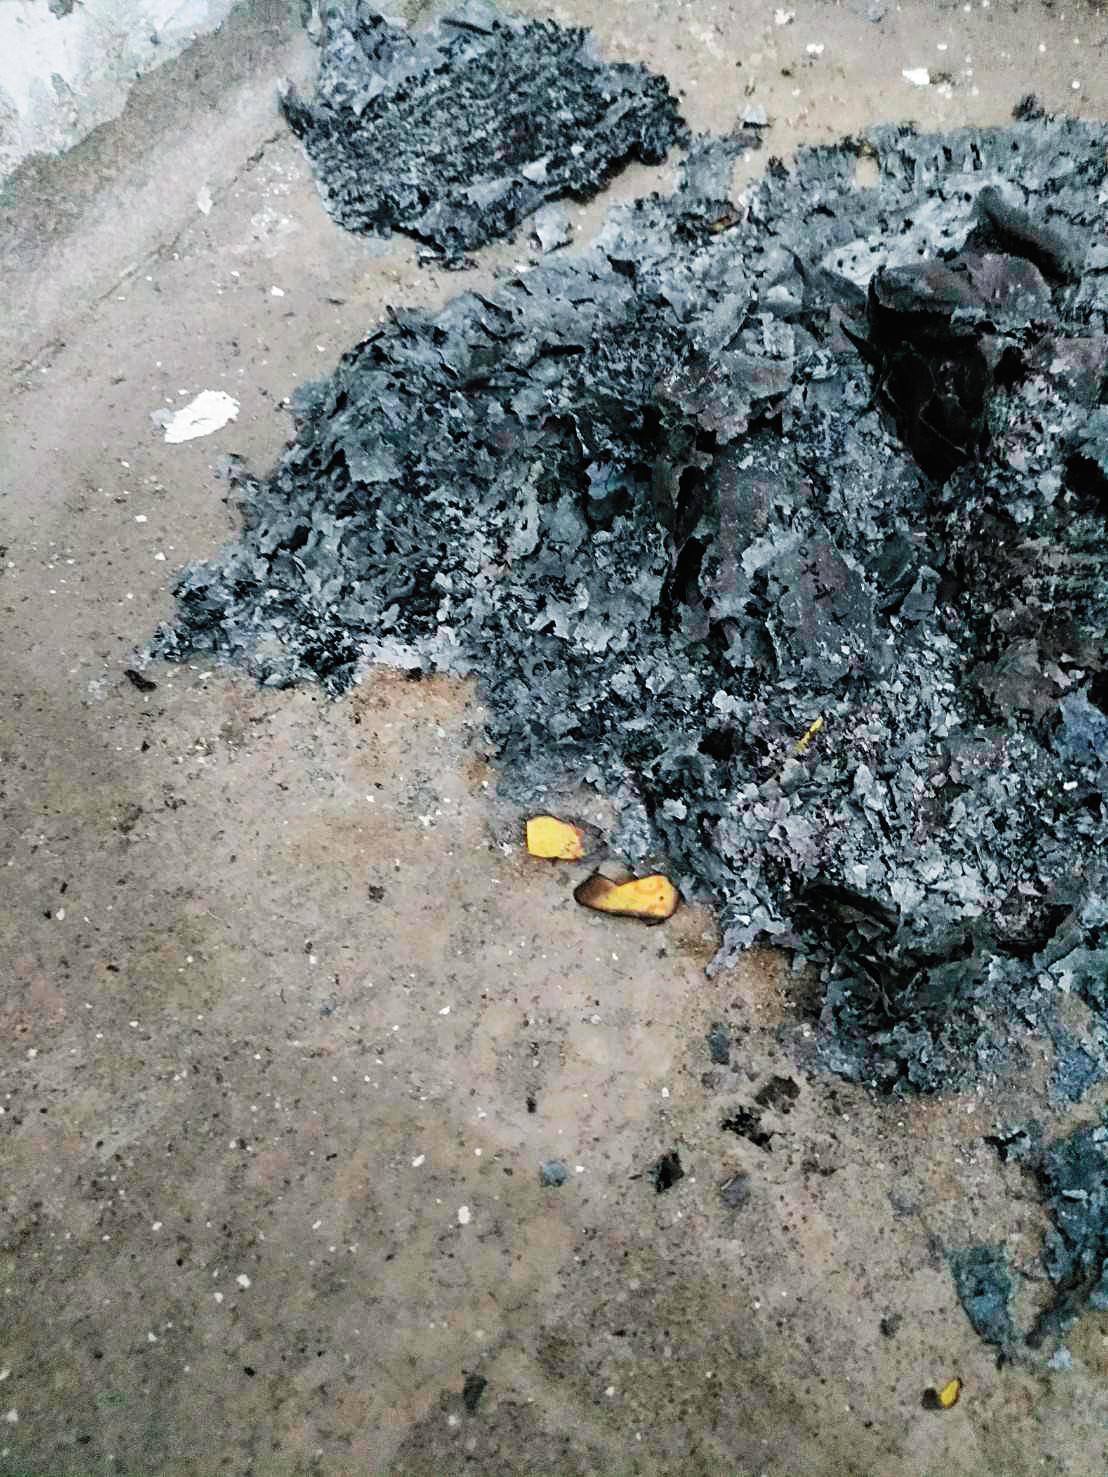 社區電梯機房出現燒冥紙、衣物的痕跡,住戶質疑是擔任乩童、廟公的陳父私下作法,危及公安。(讀者提供)